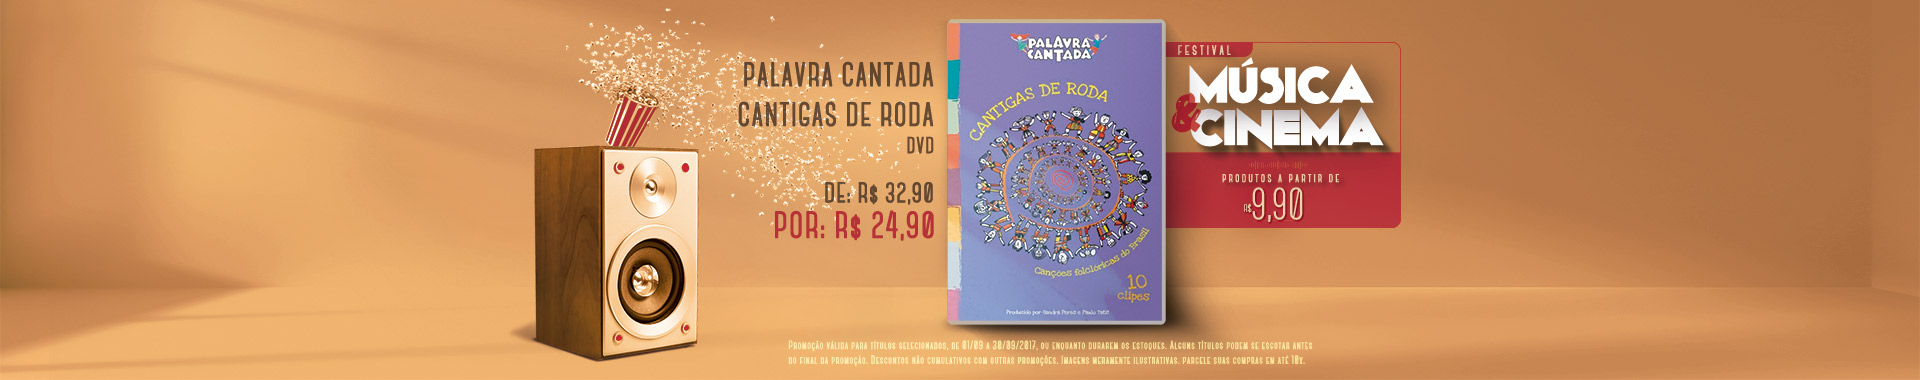 FM&C - Cantigas de Roda